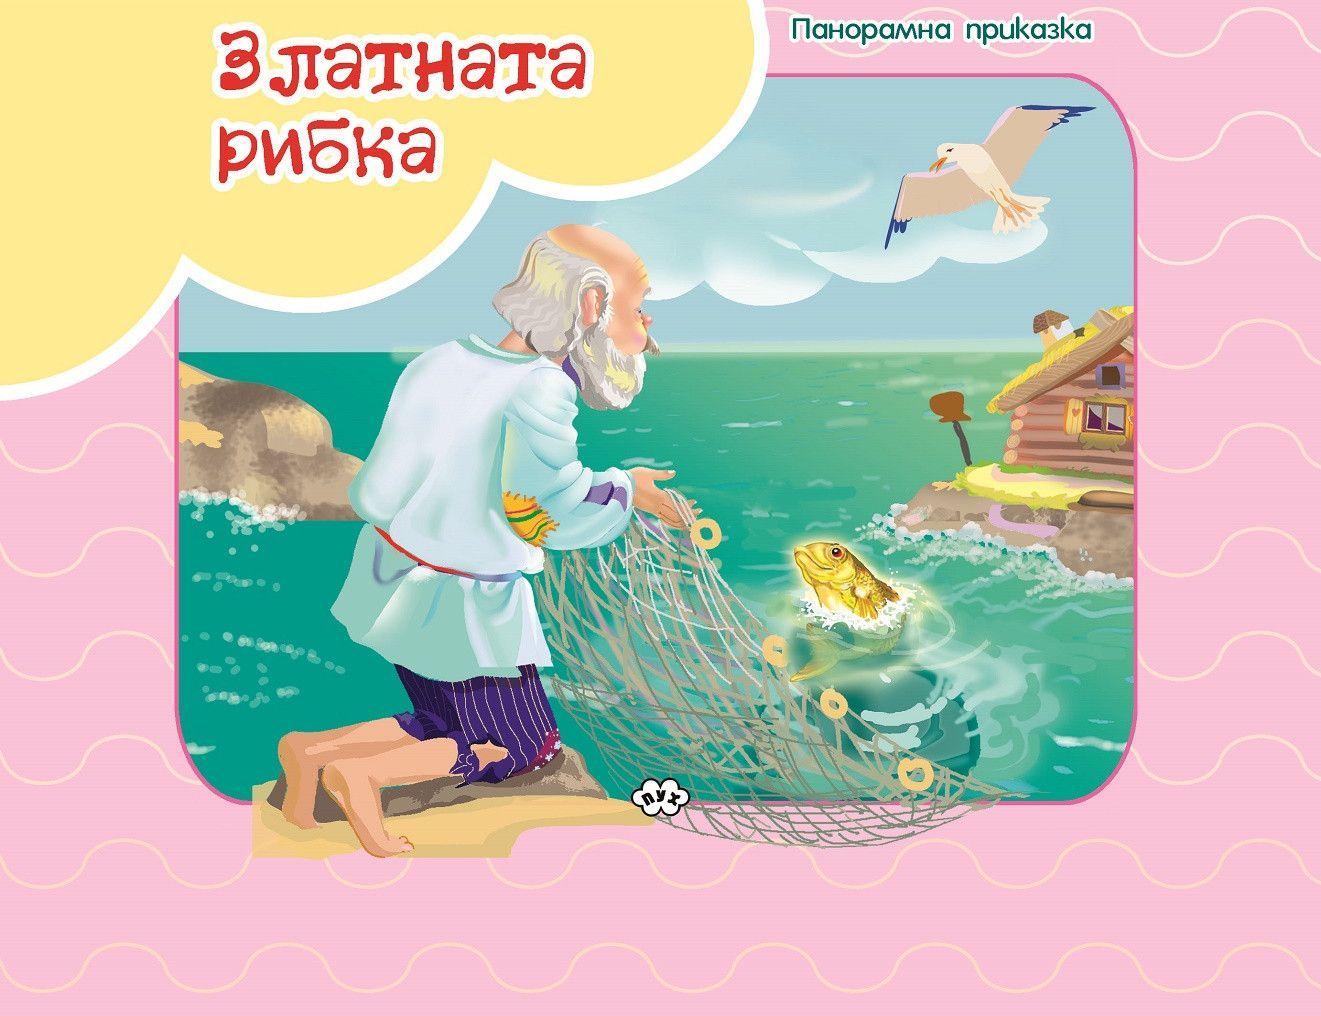 Панорамна приказка: Златната рибка - 1